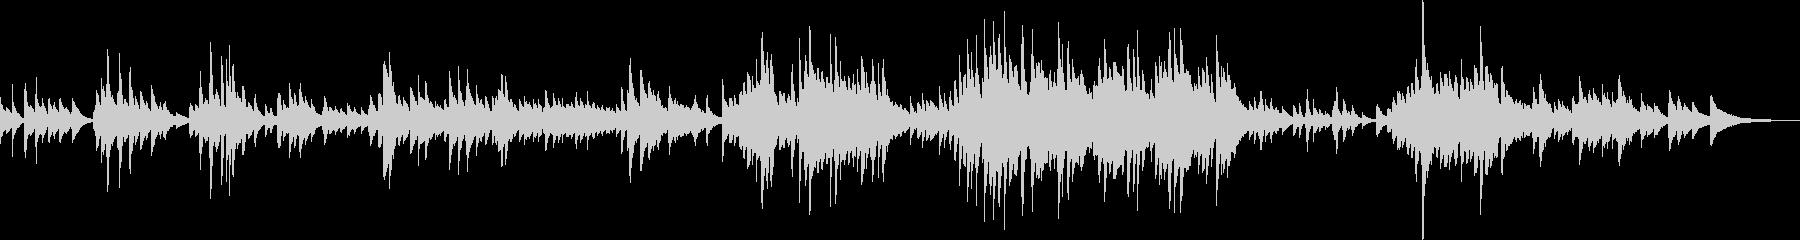 切なくて優しいピアノ曲(温かい、感動的)の未再生の波形